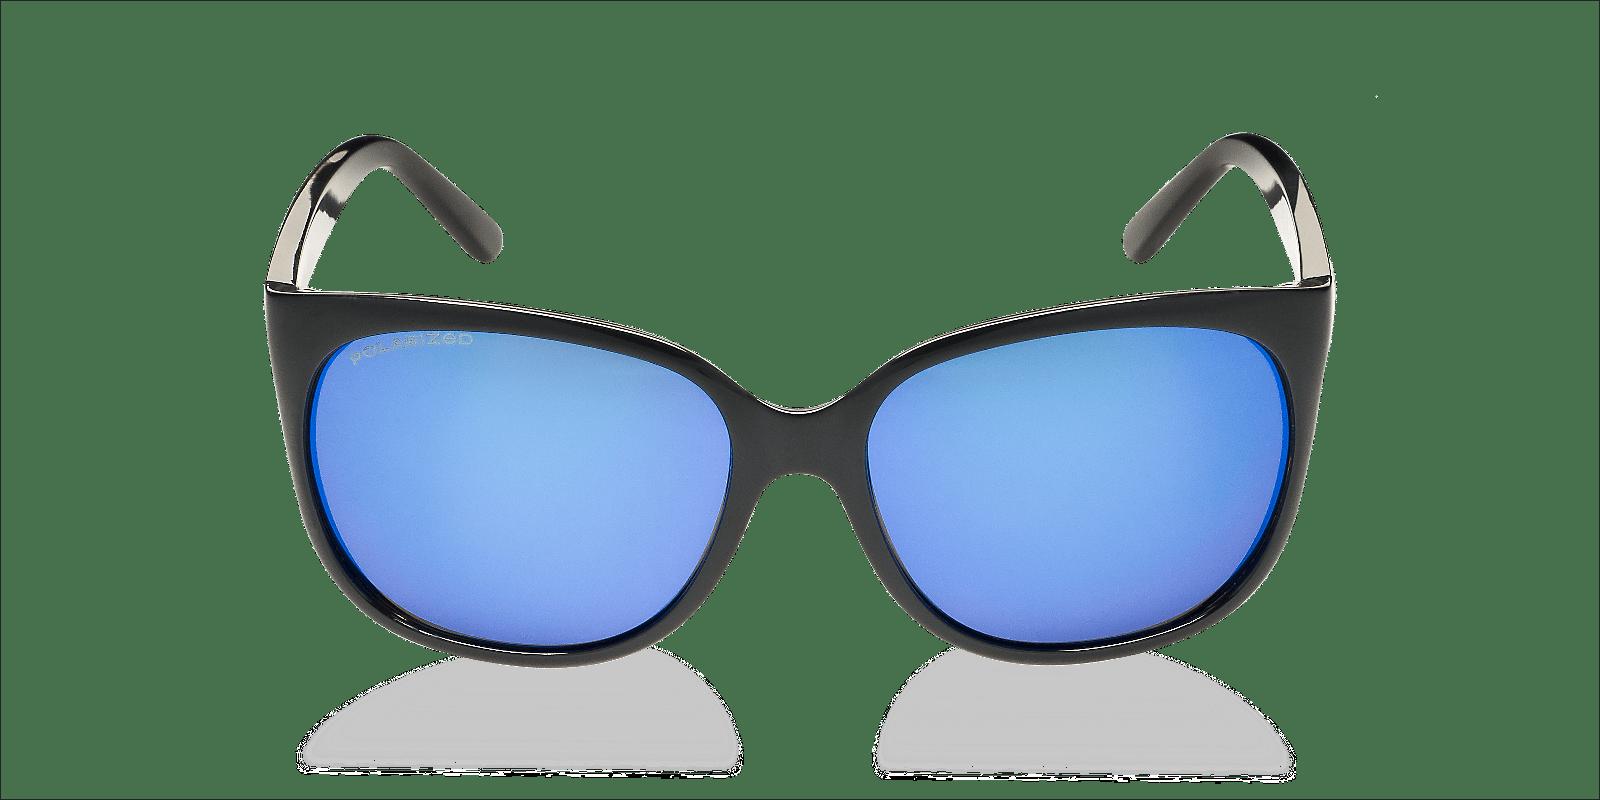 08e38ae3c10 Sunglasses Closeup transparent PNG - StickPNG